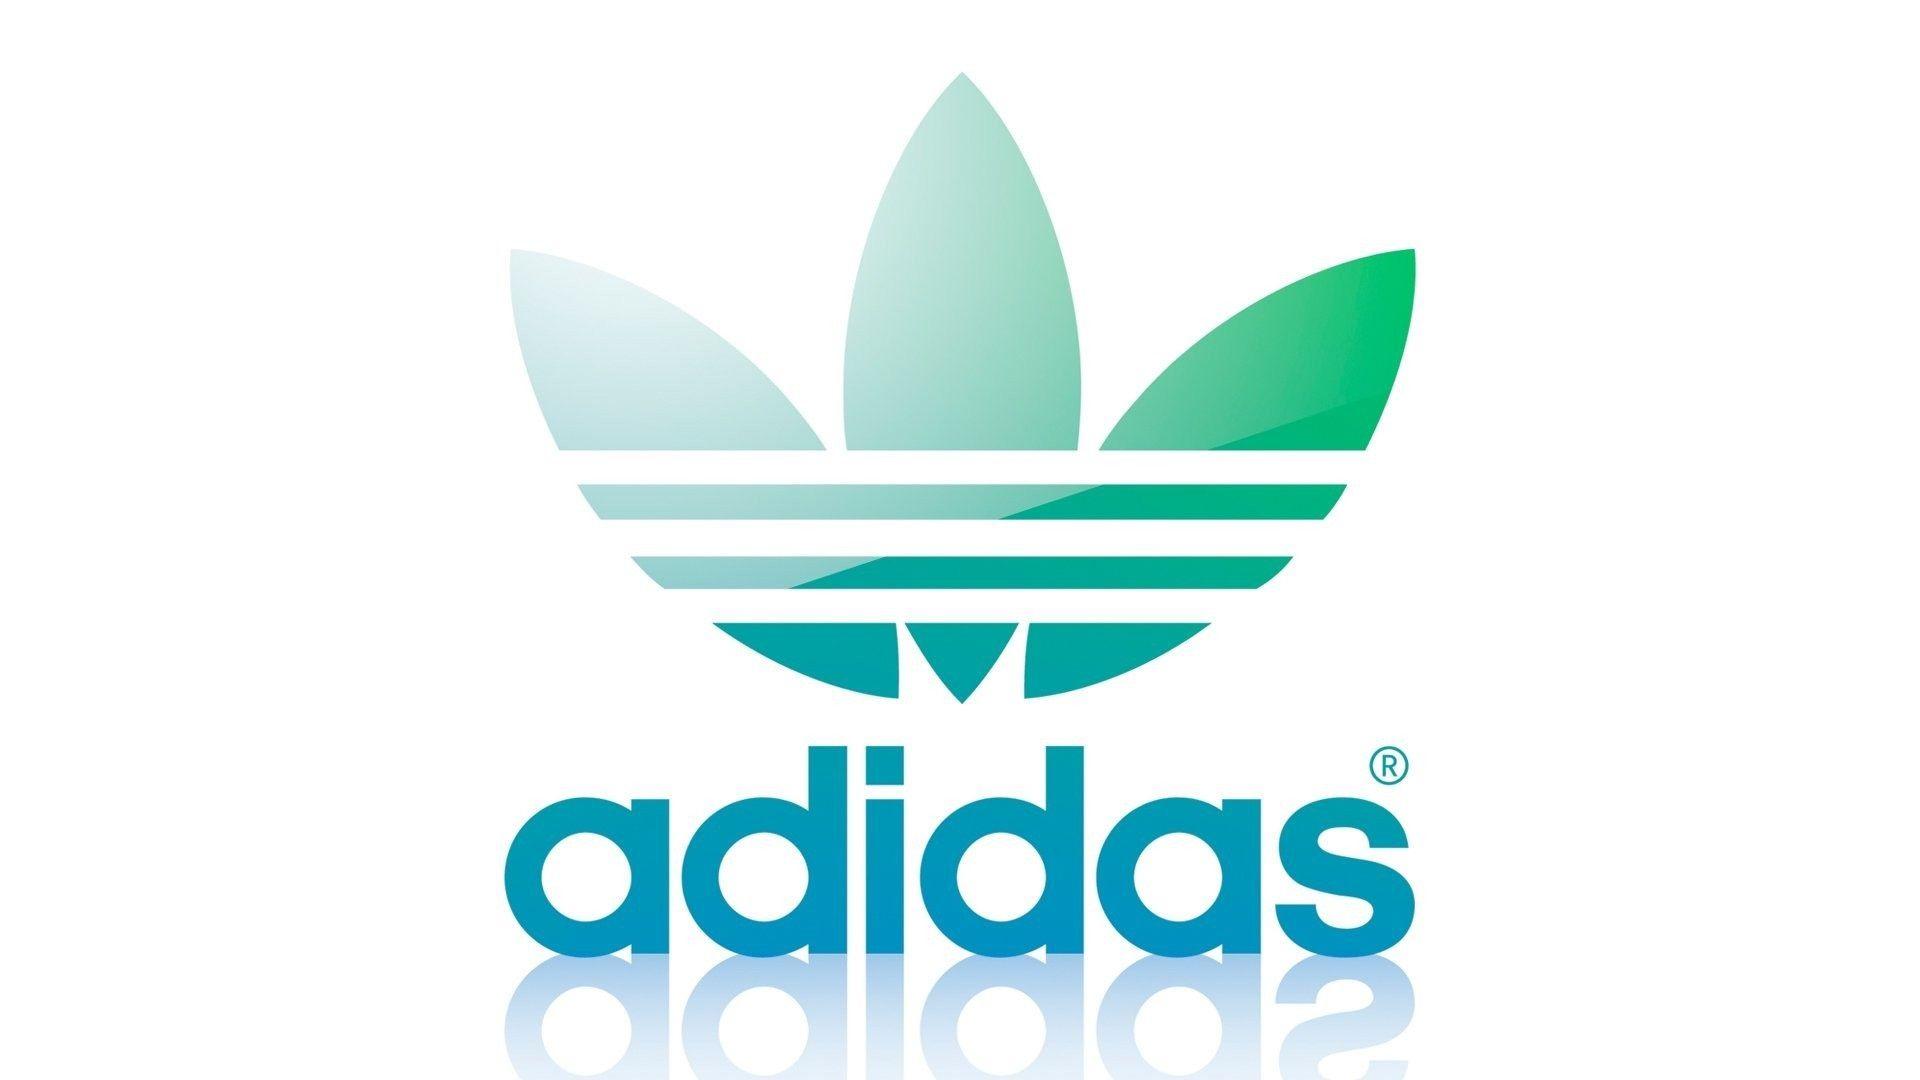 Computer Wallpapers Adidas Best Wallpaper Hd Adidas Logo Wallpapers Adidas Wallpapers Adidas Art